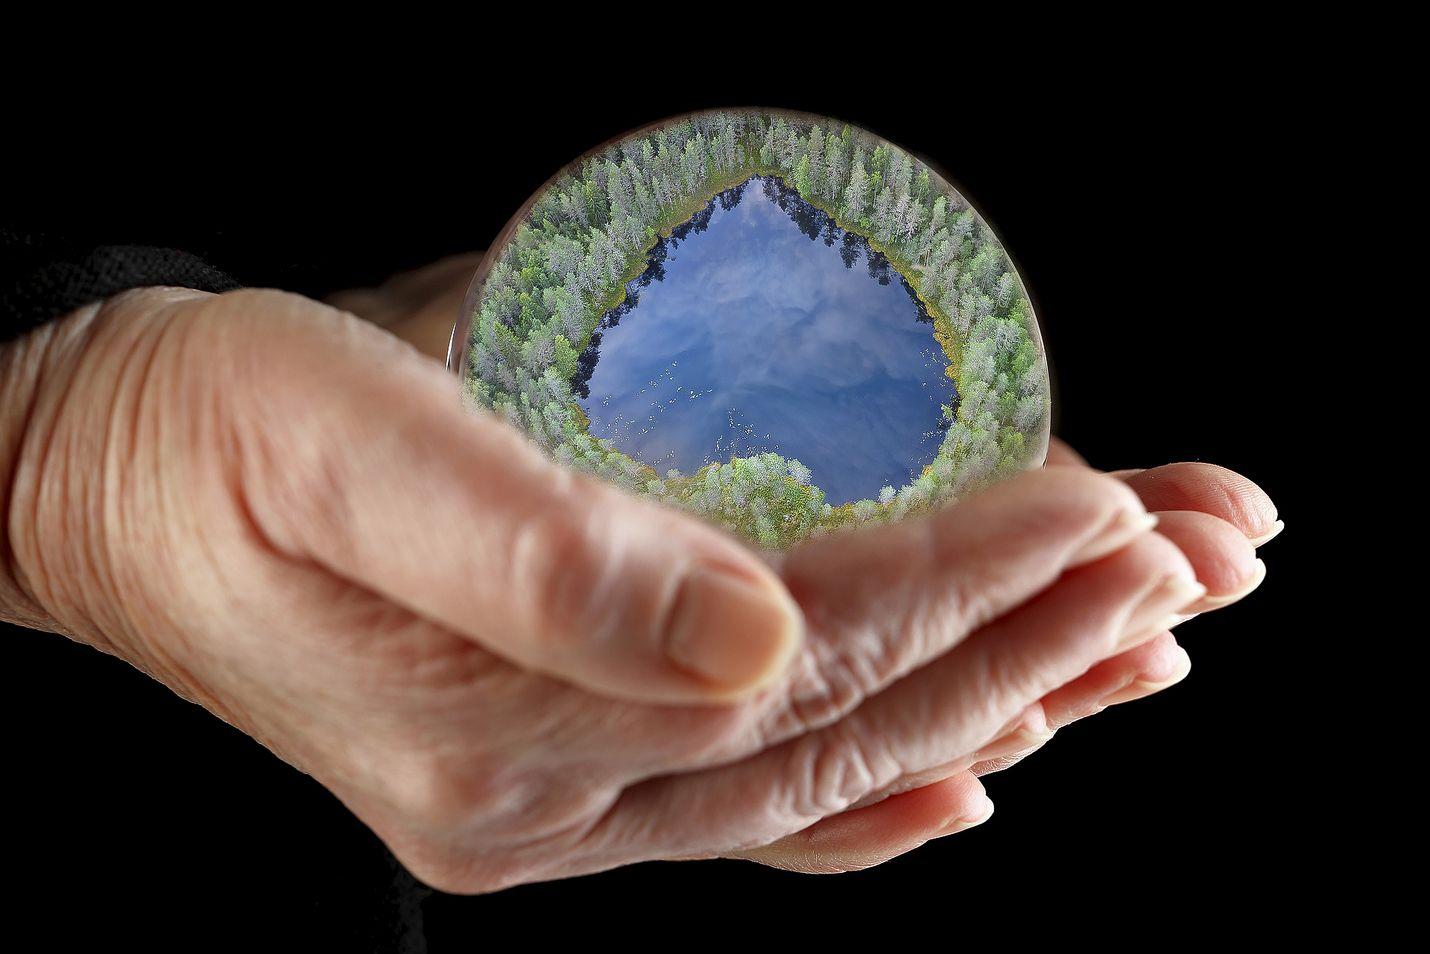 Kirjoittaja kysyy, moniko on valmis luopumaan mukavuuksistaan ilmaston puolesta.